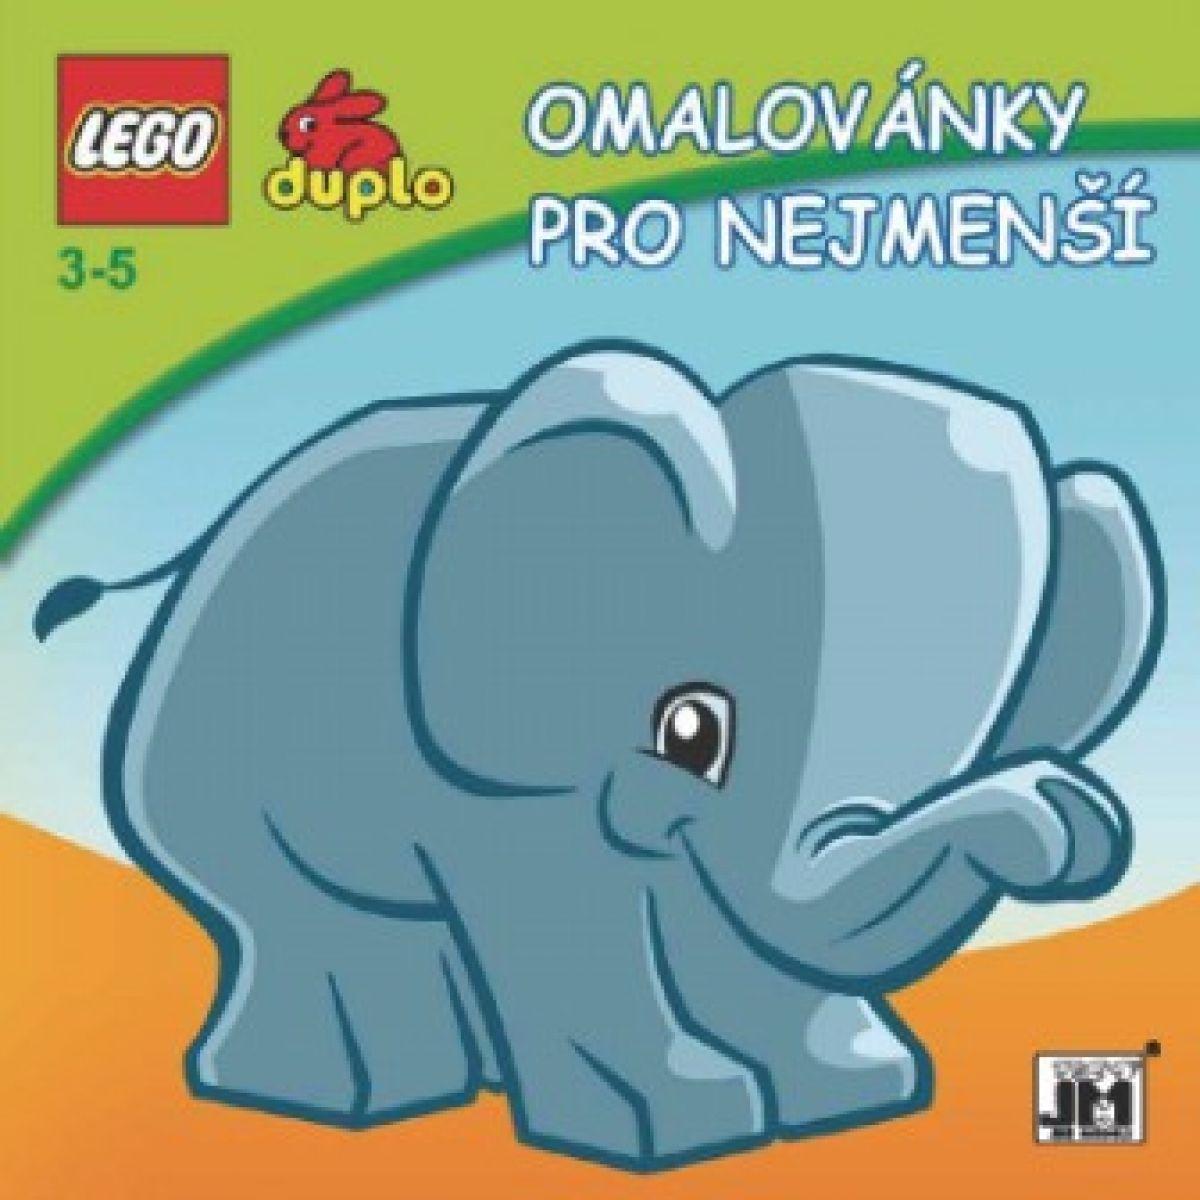 JIRI MODELS 0101380 Omalovánky LEGO DUPLO Slon (pastelky)